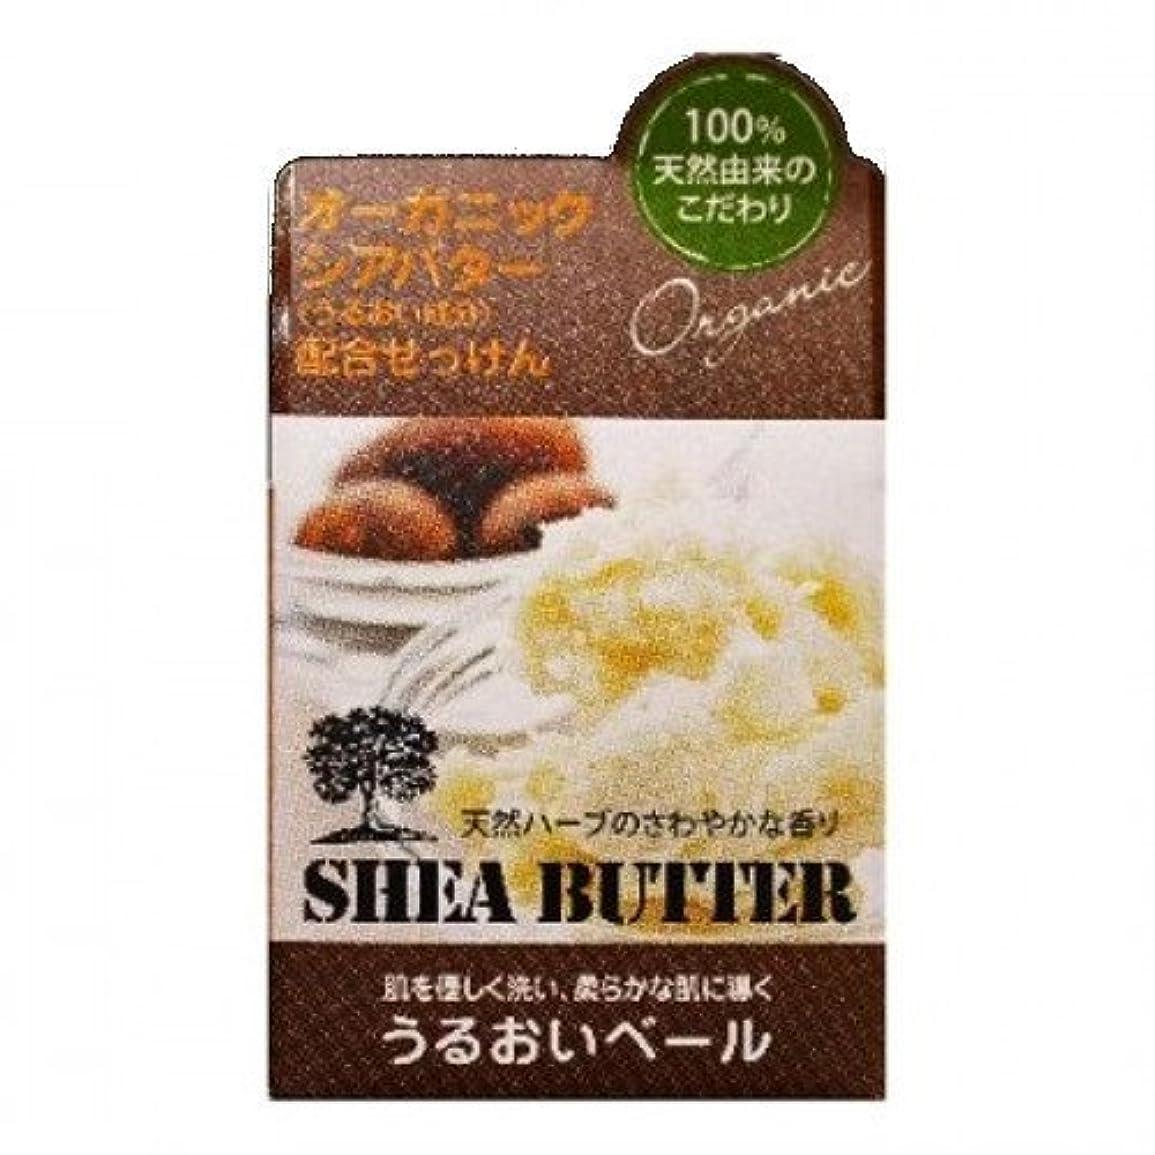 小麦感性現金ユゼ オーガニックシアバター配合せっけん 60g